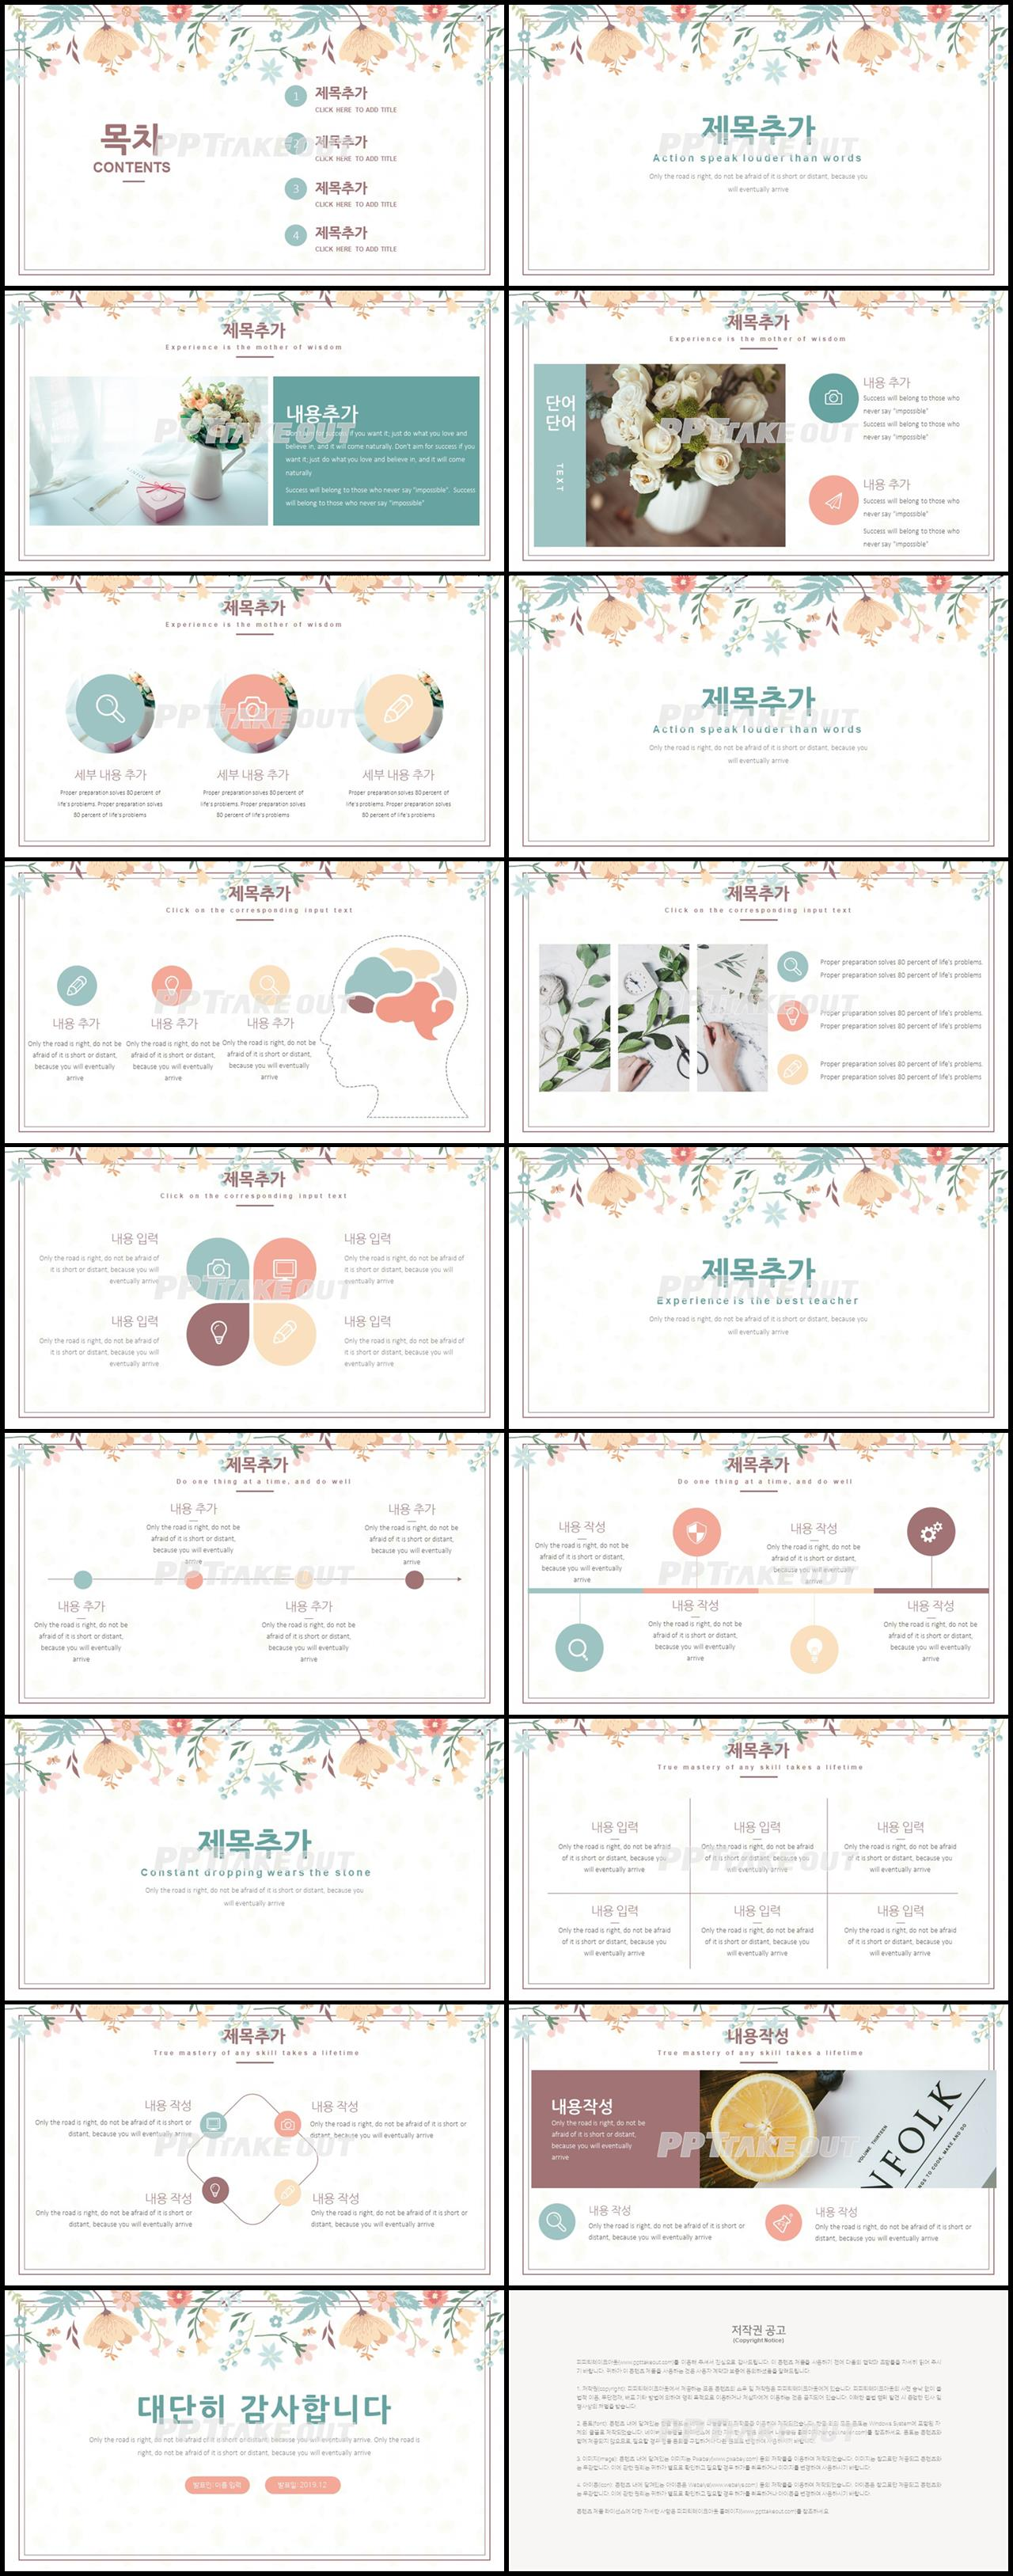 화초주제 다색 인포그래픽 고퀄리티 피피티탬플릿 제작 상세보기